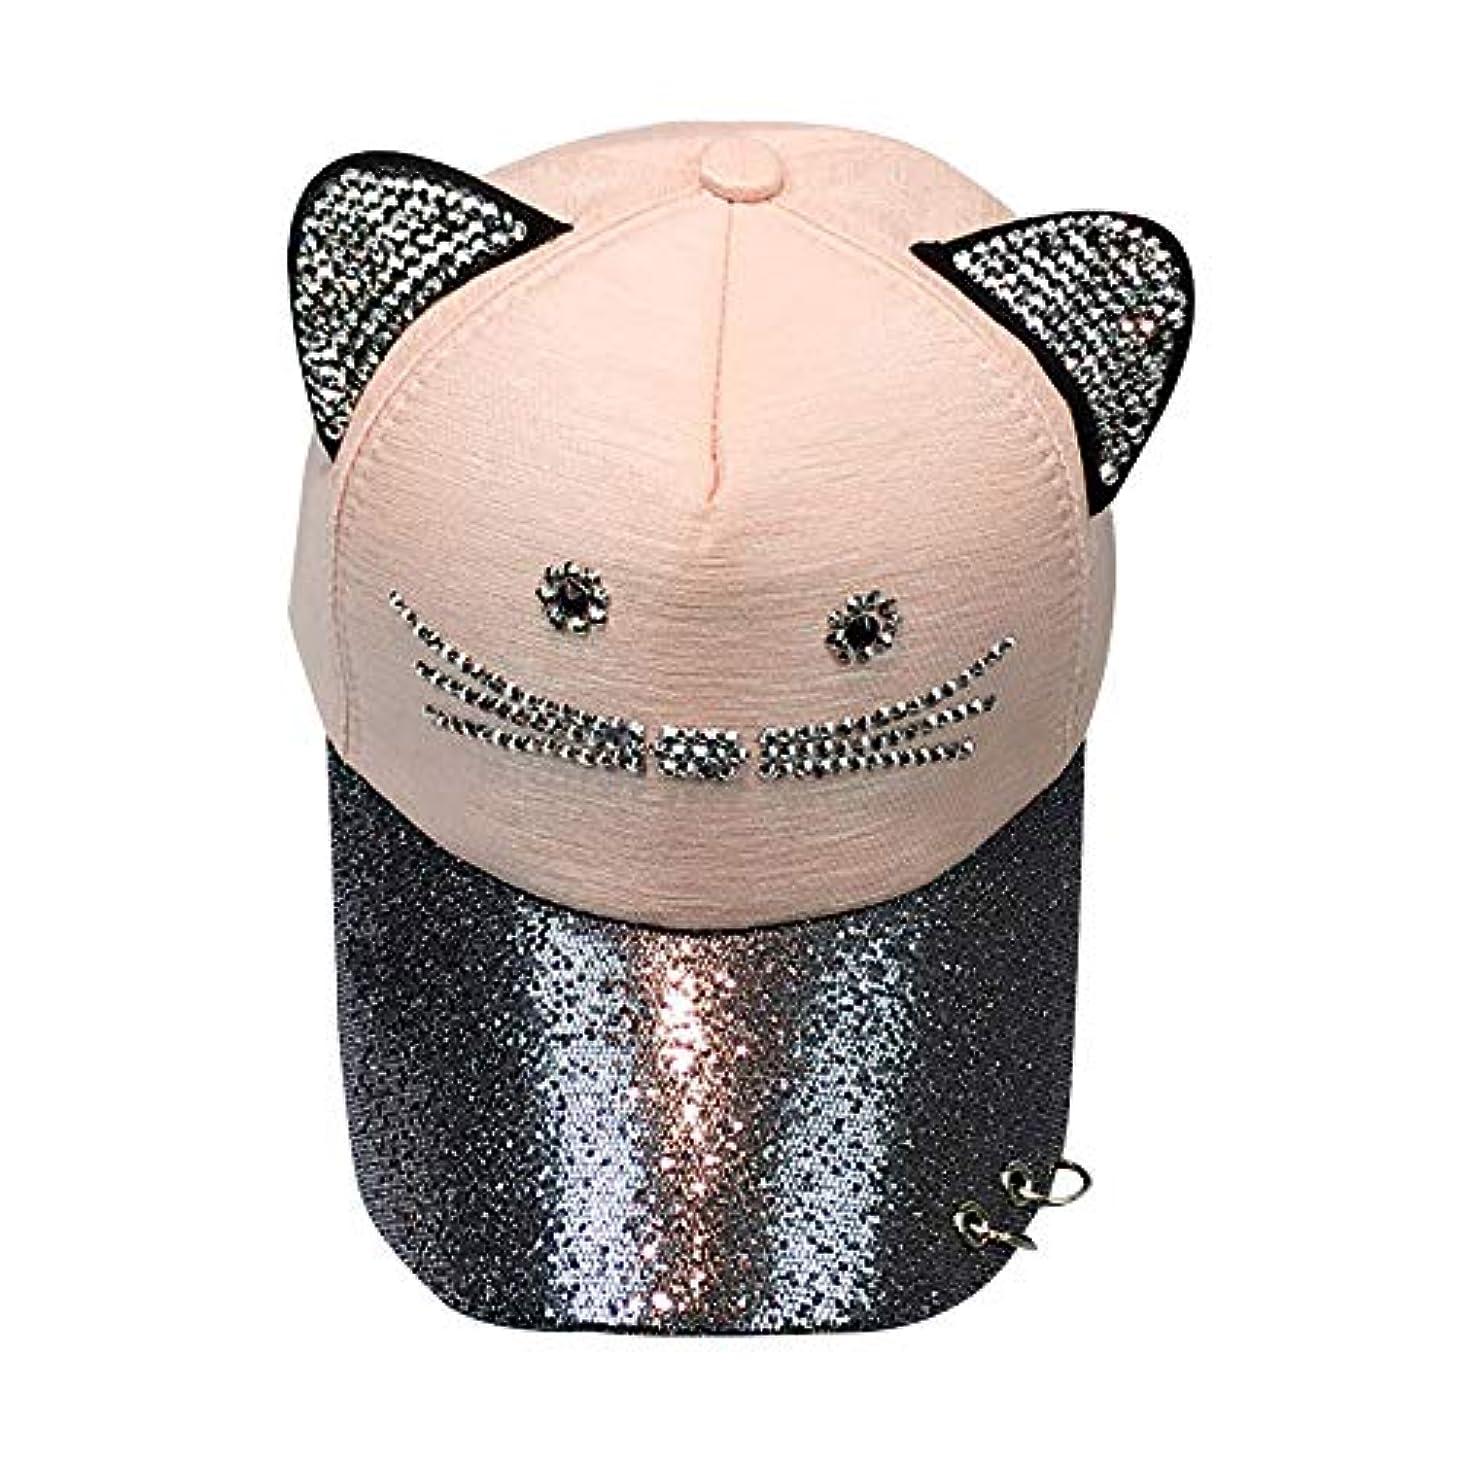 掃除バーベキューバインドRacazing Cap 野球帽 ヒップホップ メンズ 男女兼用 夏 登山 帽子スパンコール 可調整可能 プラスベルベット 棒球帽 UV 帽子 軽量 屋外 Unisex Hat